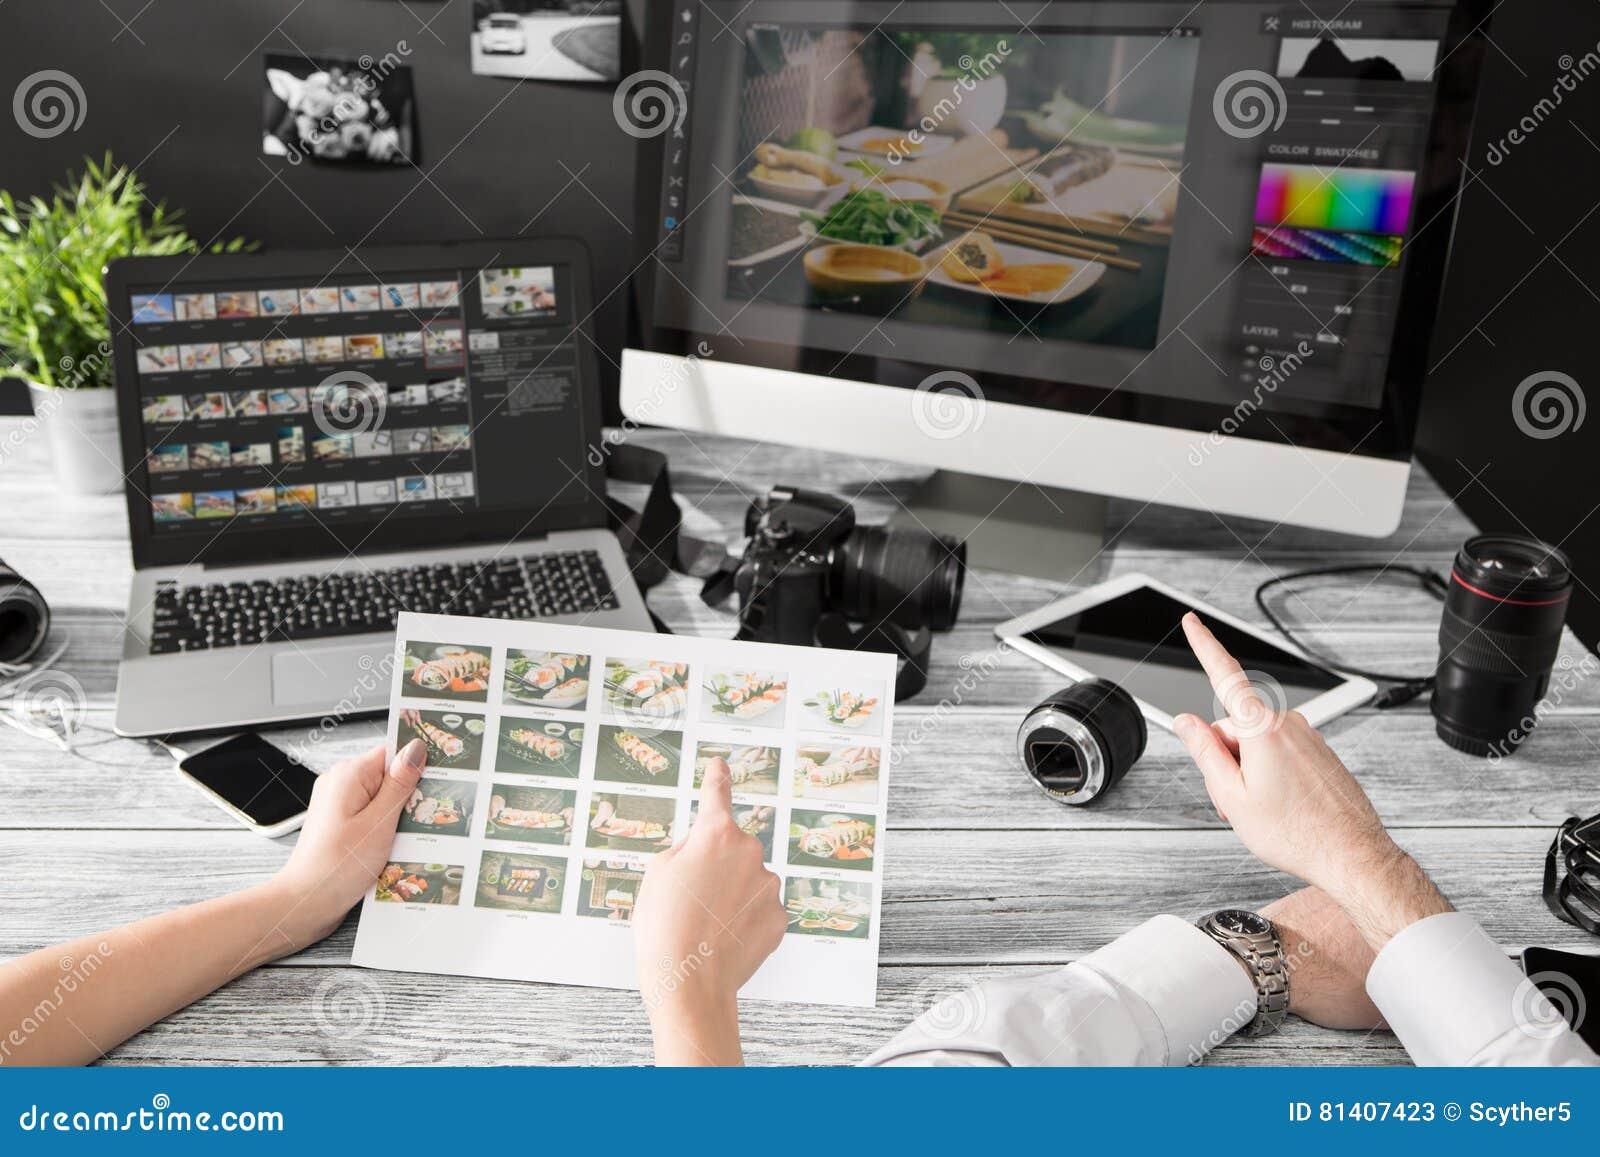 Компьютер фотографов с фото редактирует программы